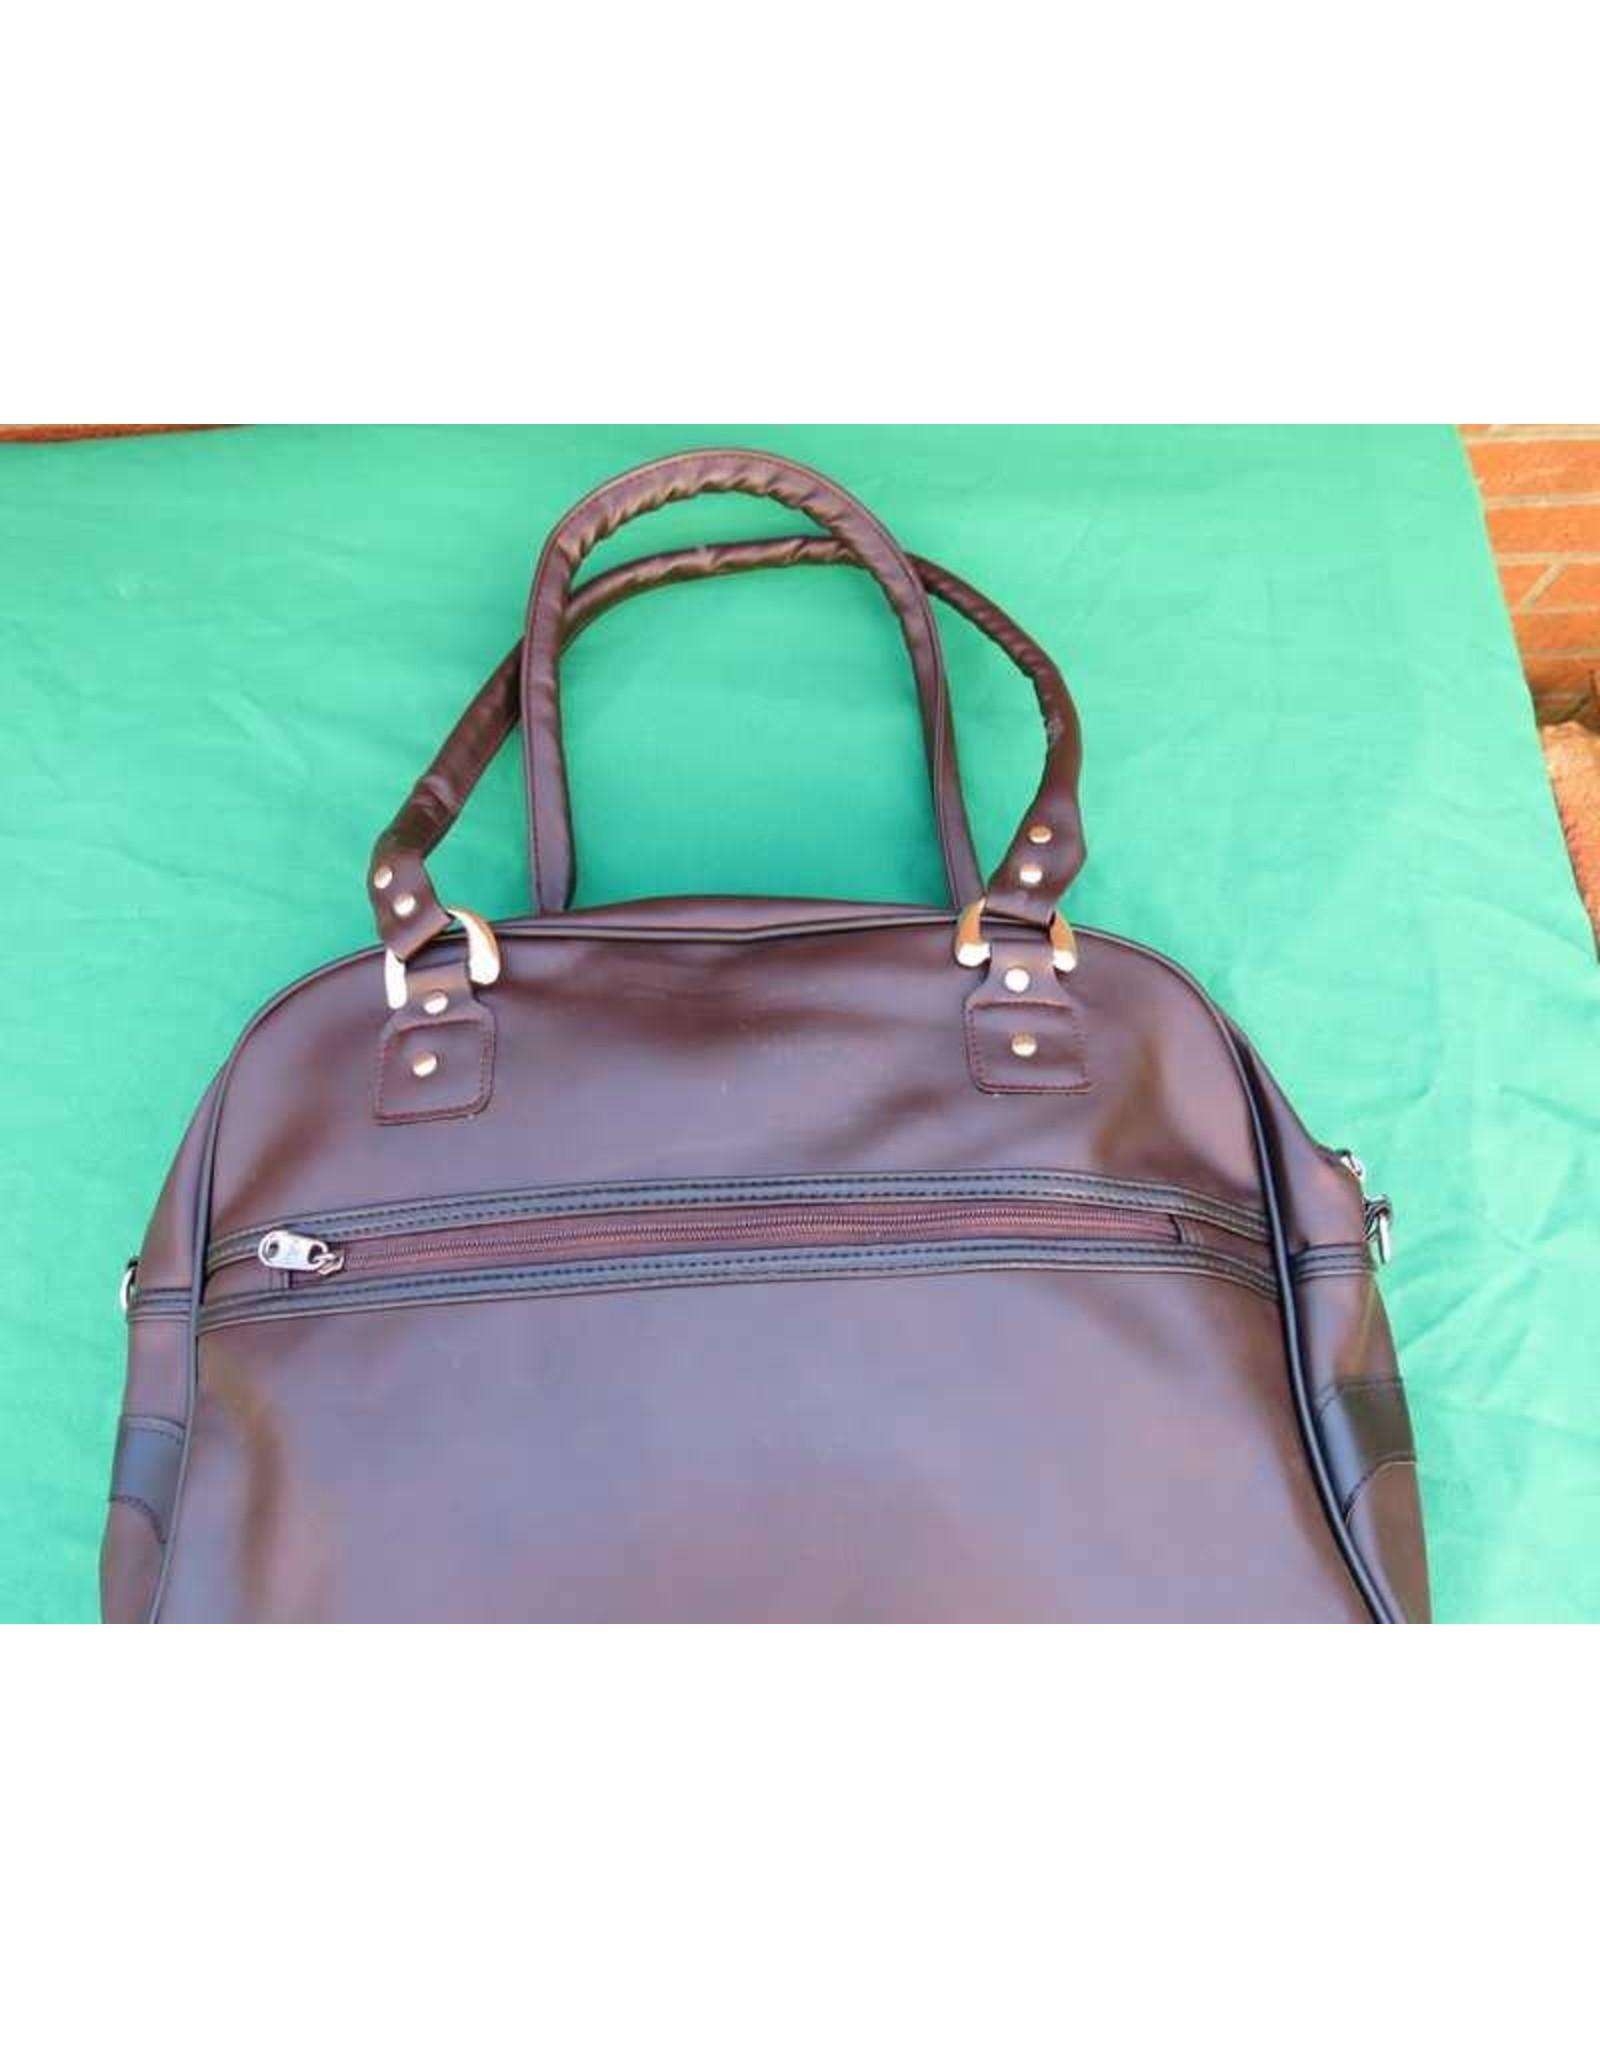 70s up shoulder bag - brown/black